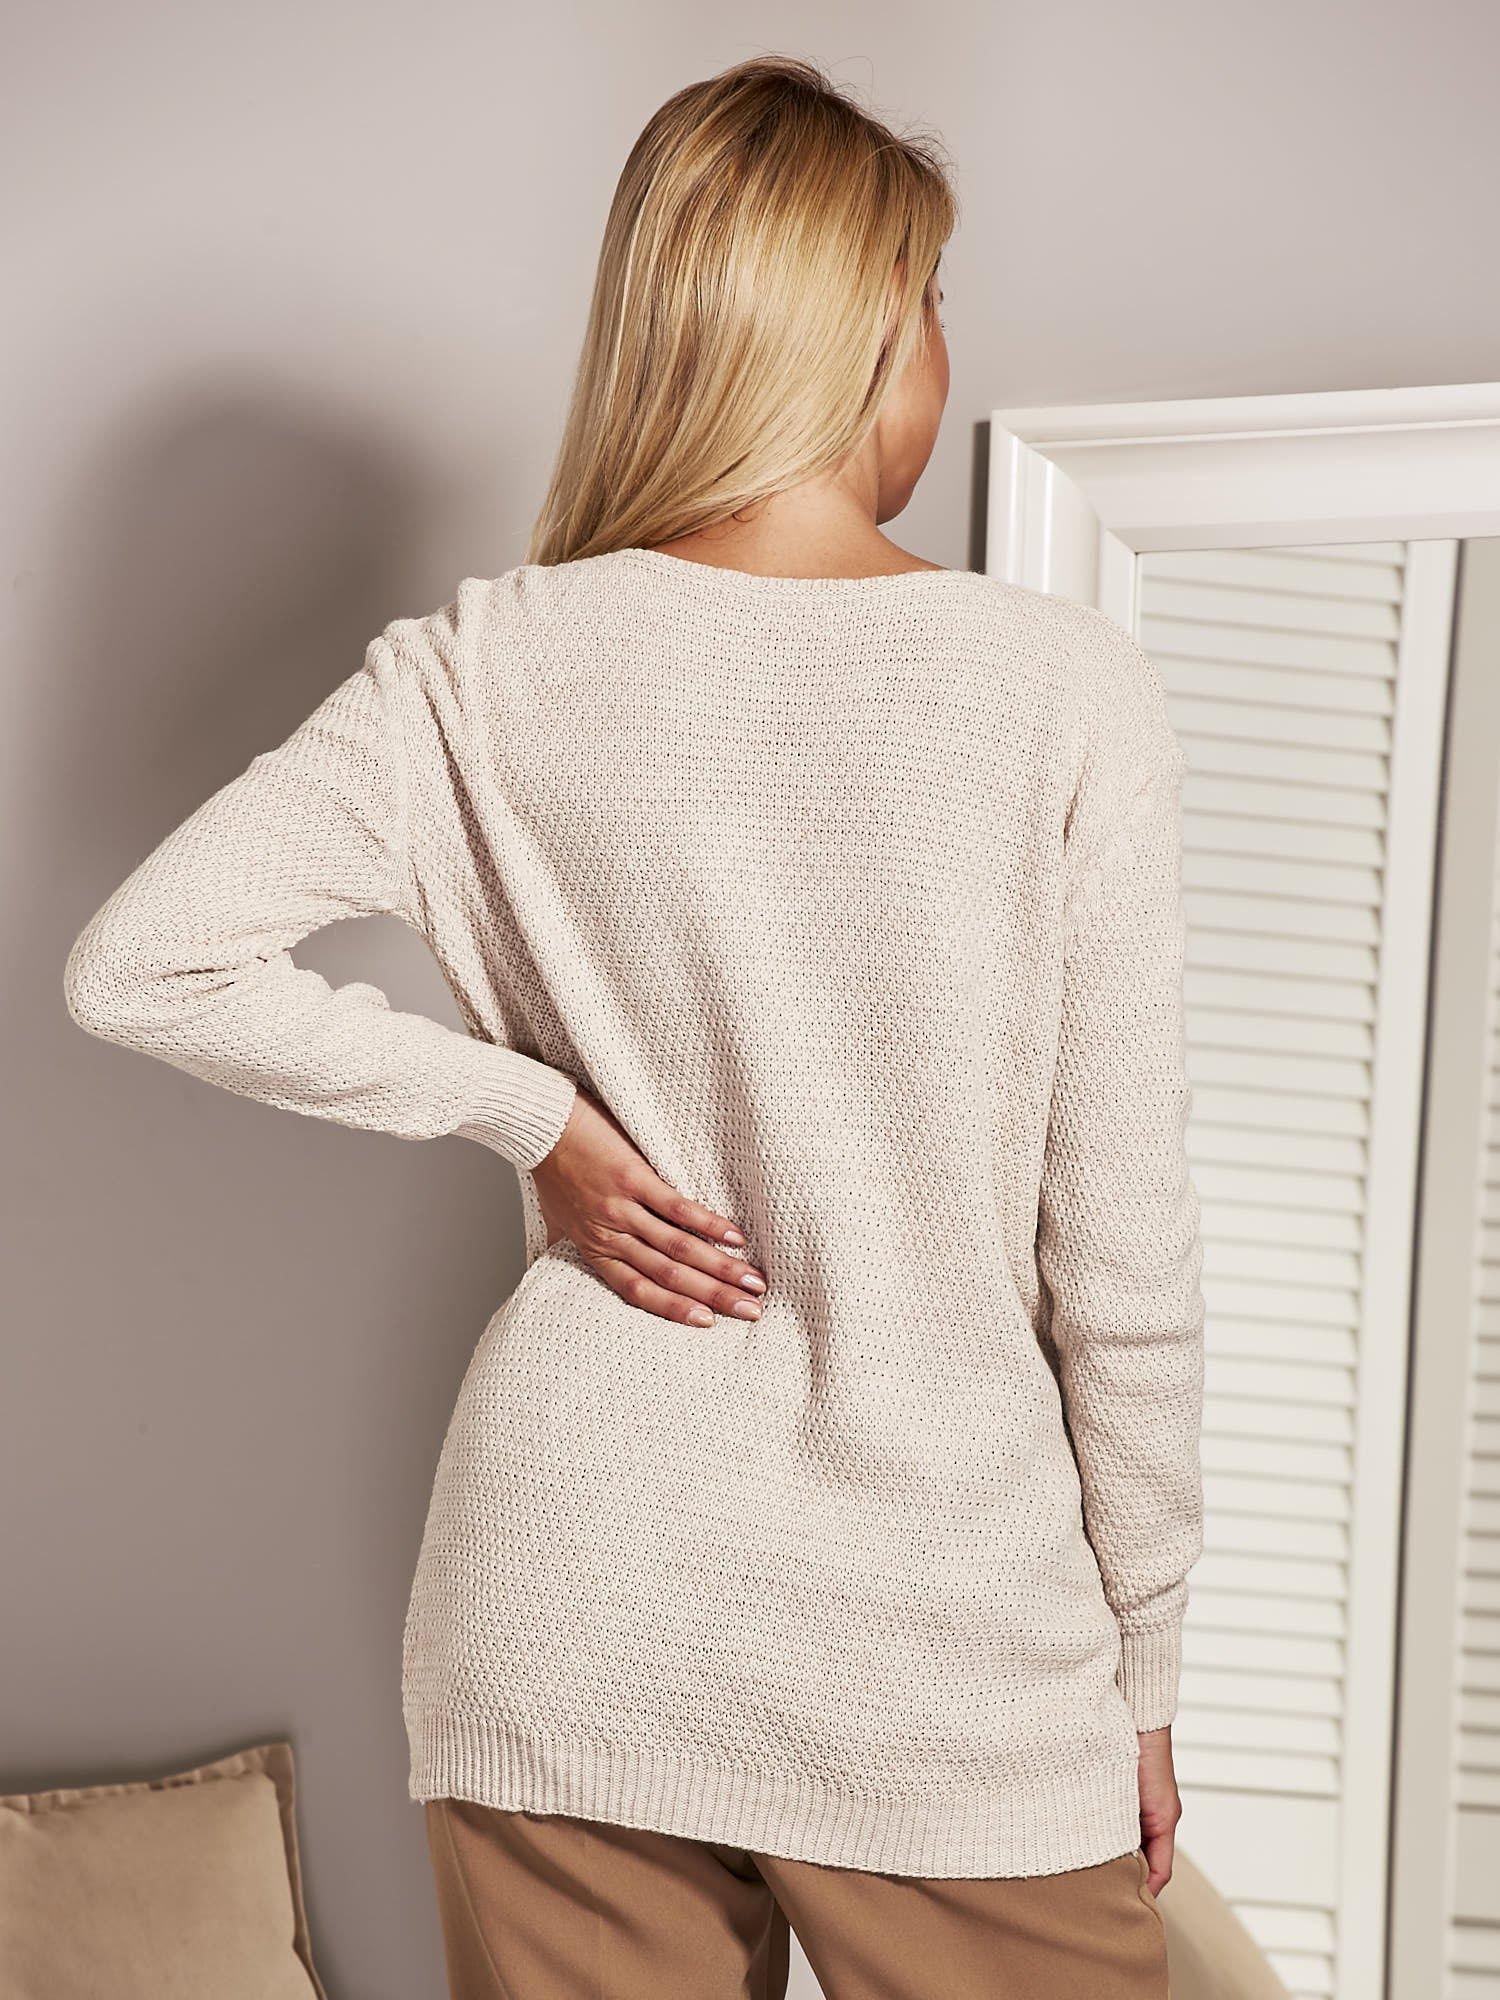 0ab44ef22d61 Beżowy sweter damski z aplikacją z perełek - Sweter klasyczny ...